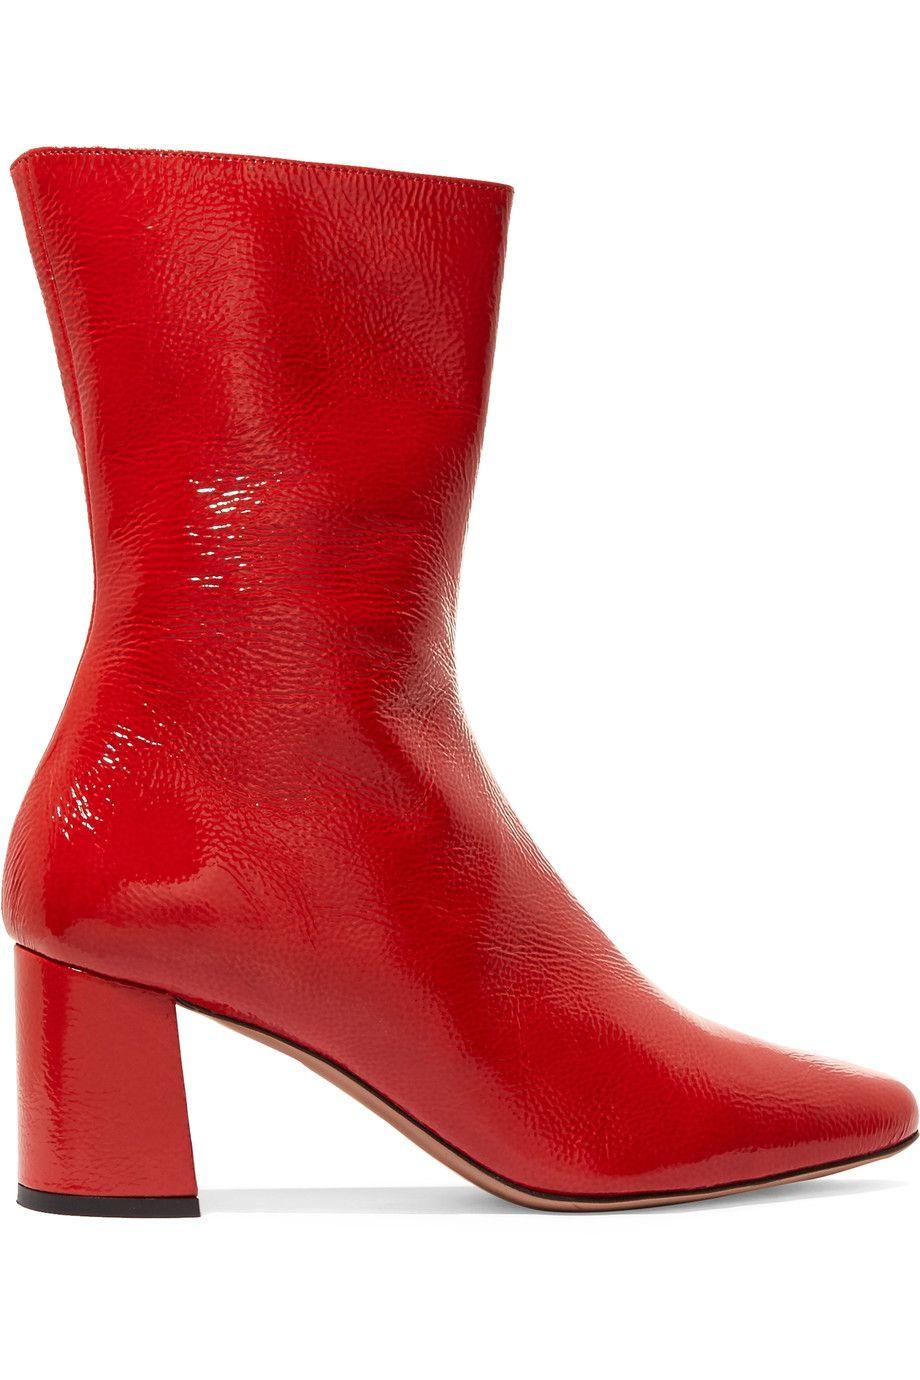 stivaletti rossi moda 2018 come modello in vernice trademark